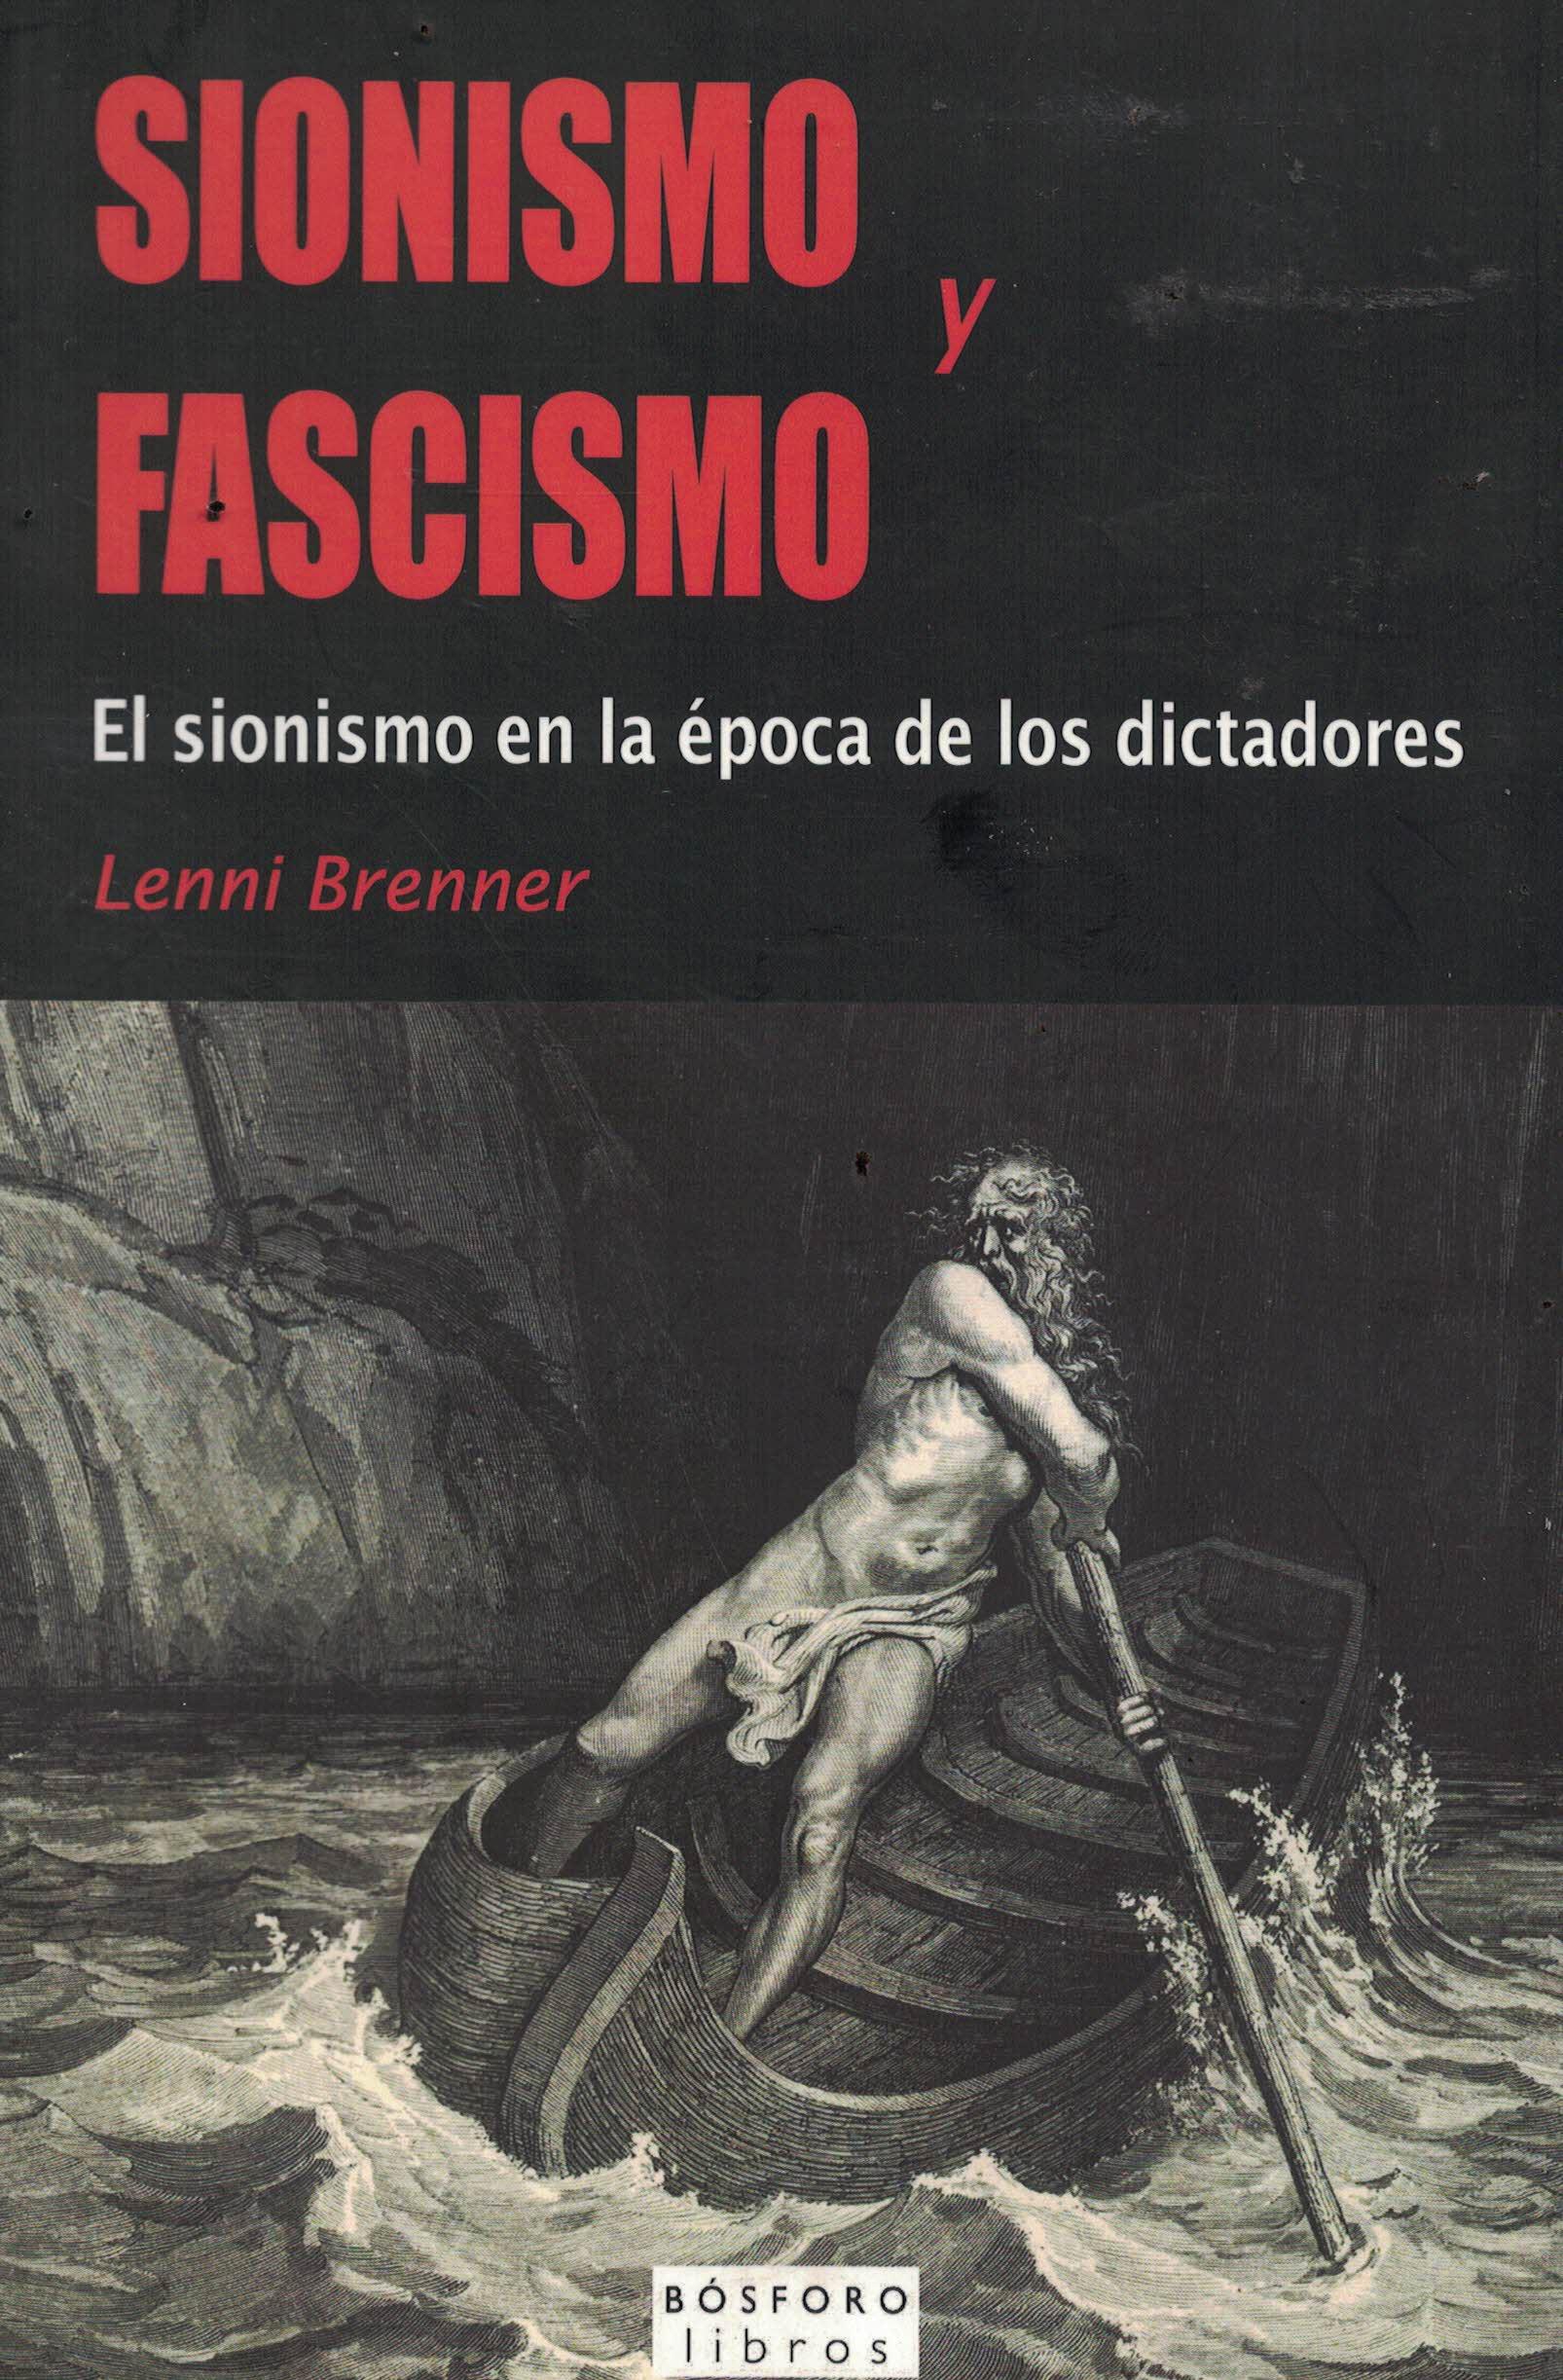 Sionismo y fascismo «El sionismo en la época de los dictadores»